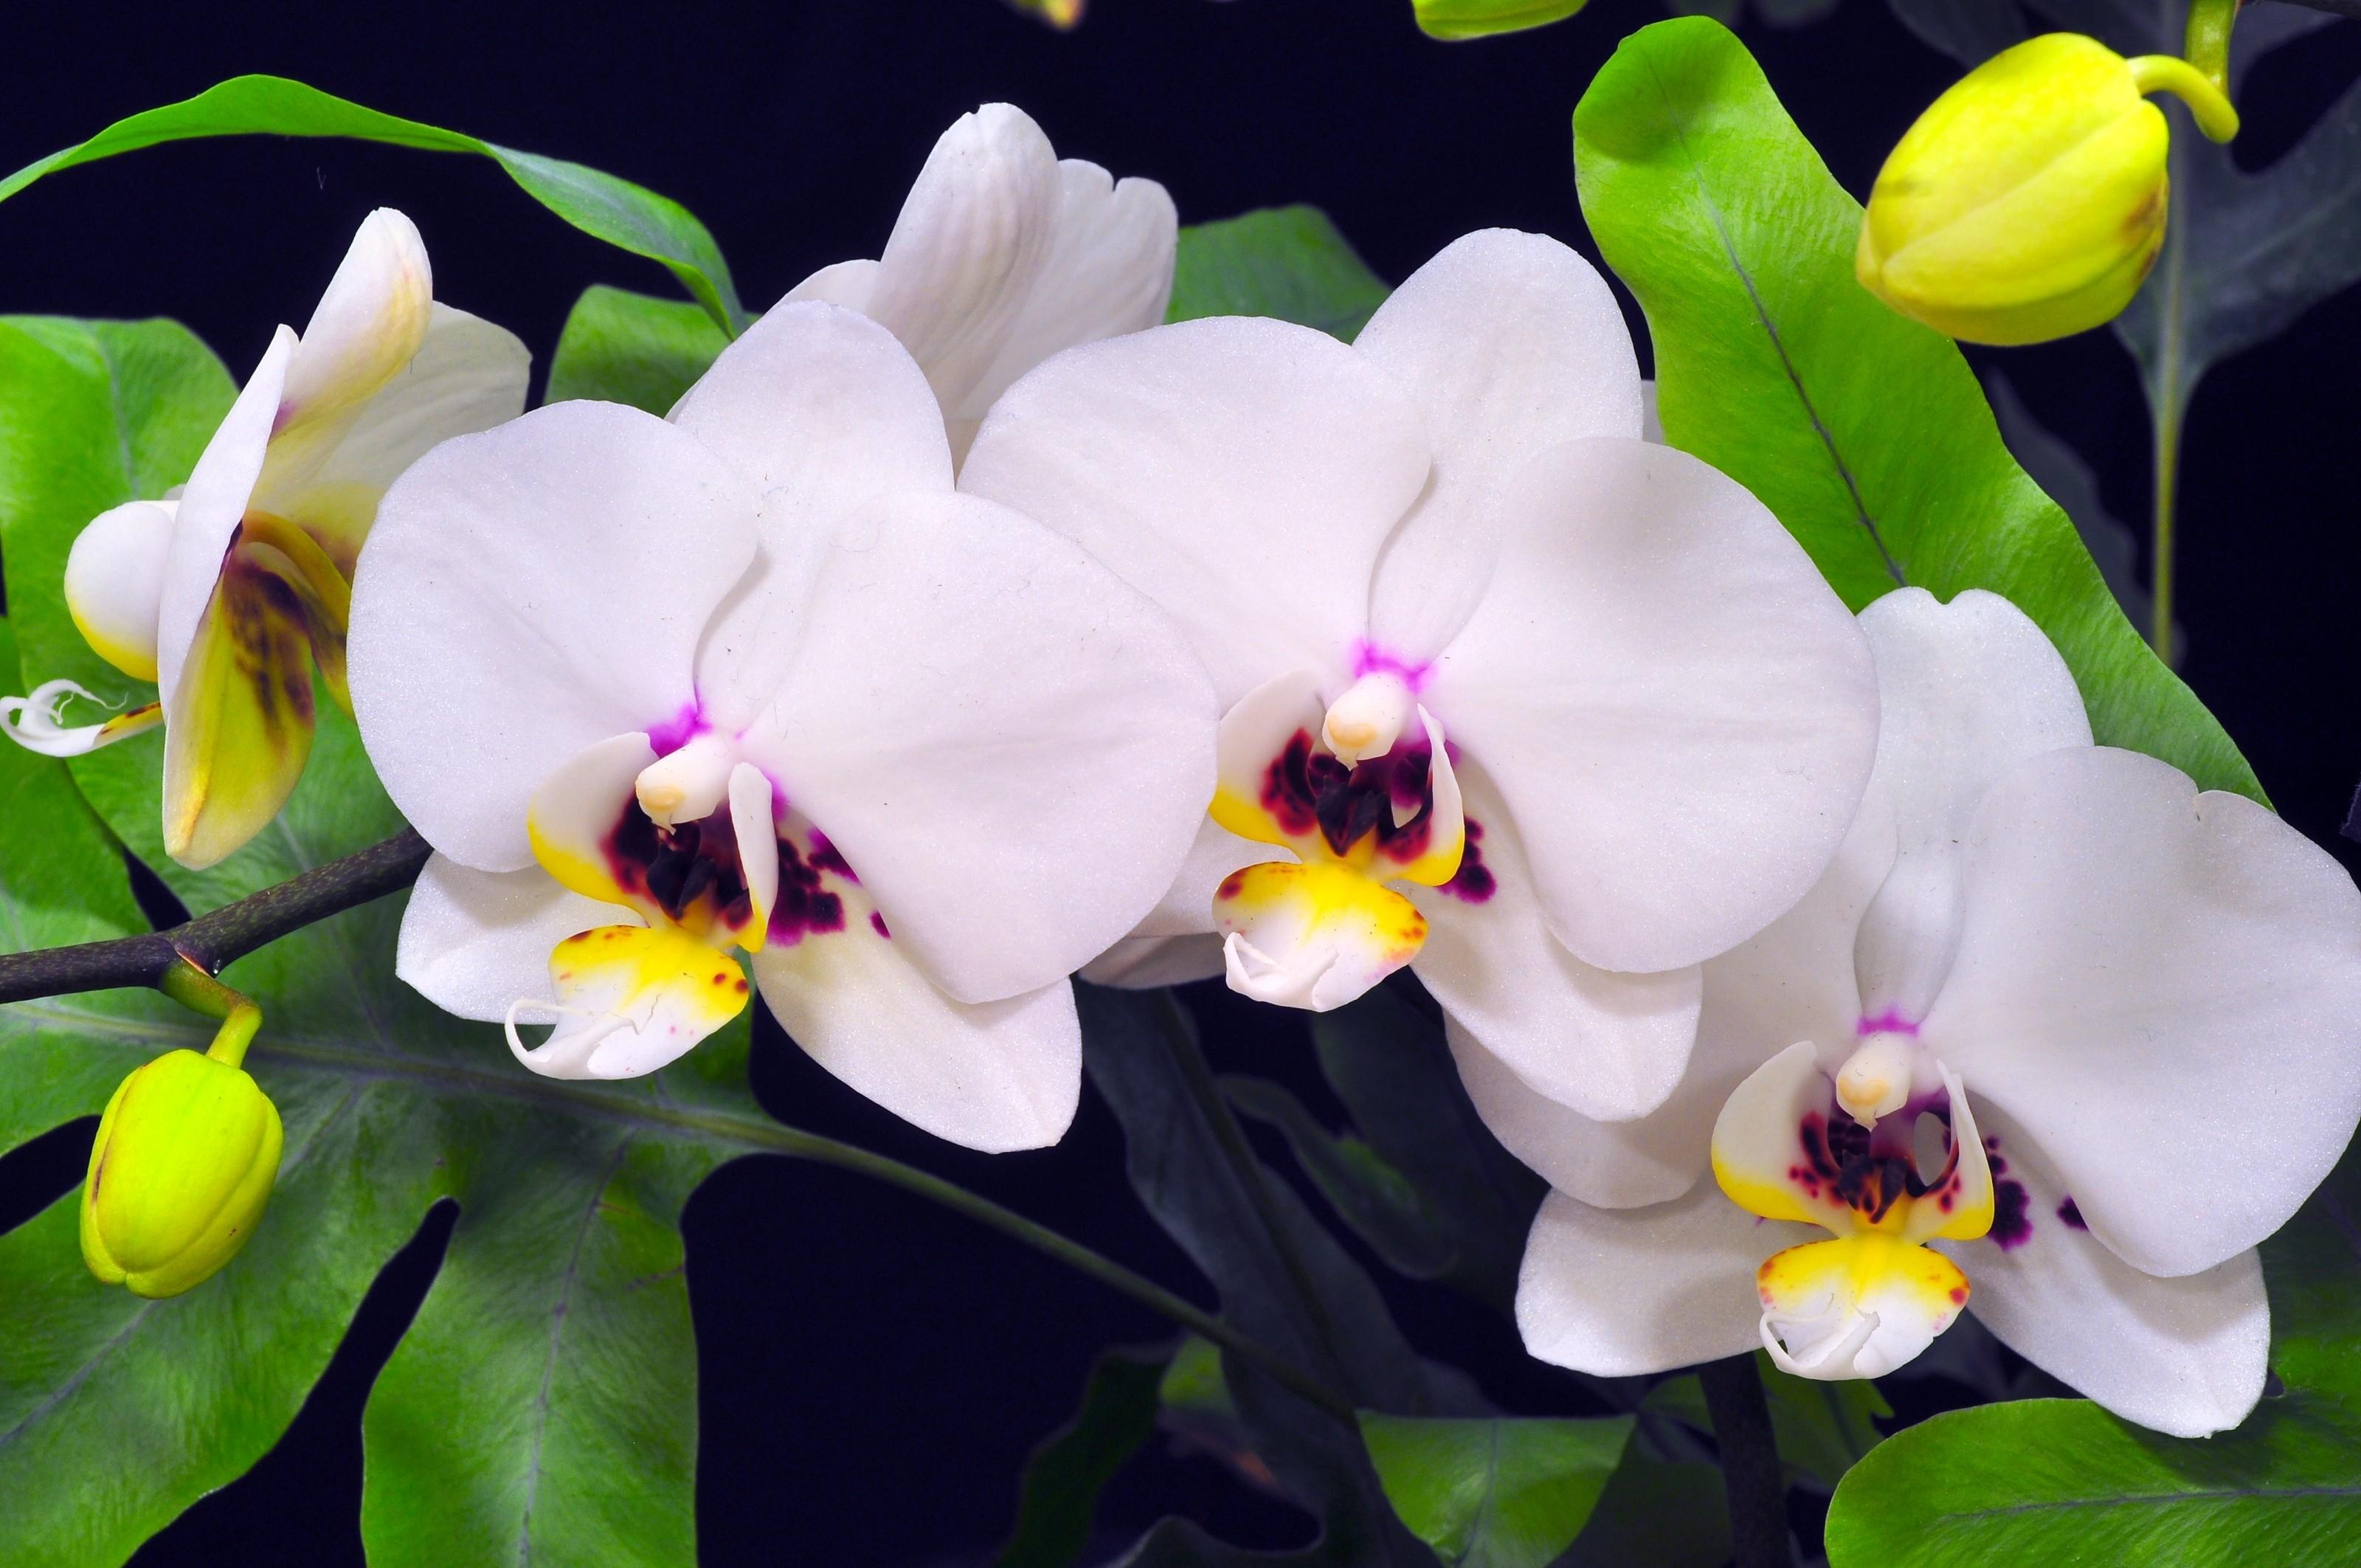 121206 скачать обои Цветы, Орхидея, Ветка, Зелень, Крупный План, Фон - заставки и картинки бесплатно